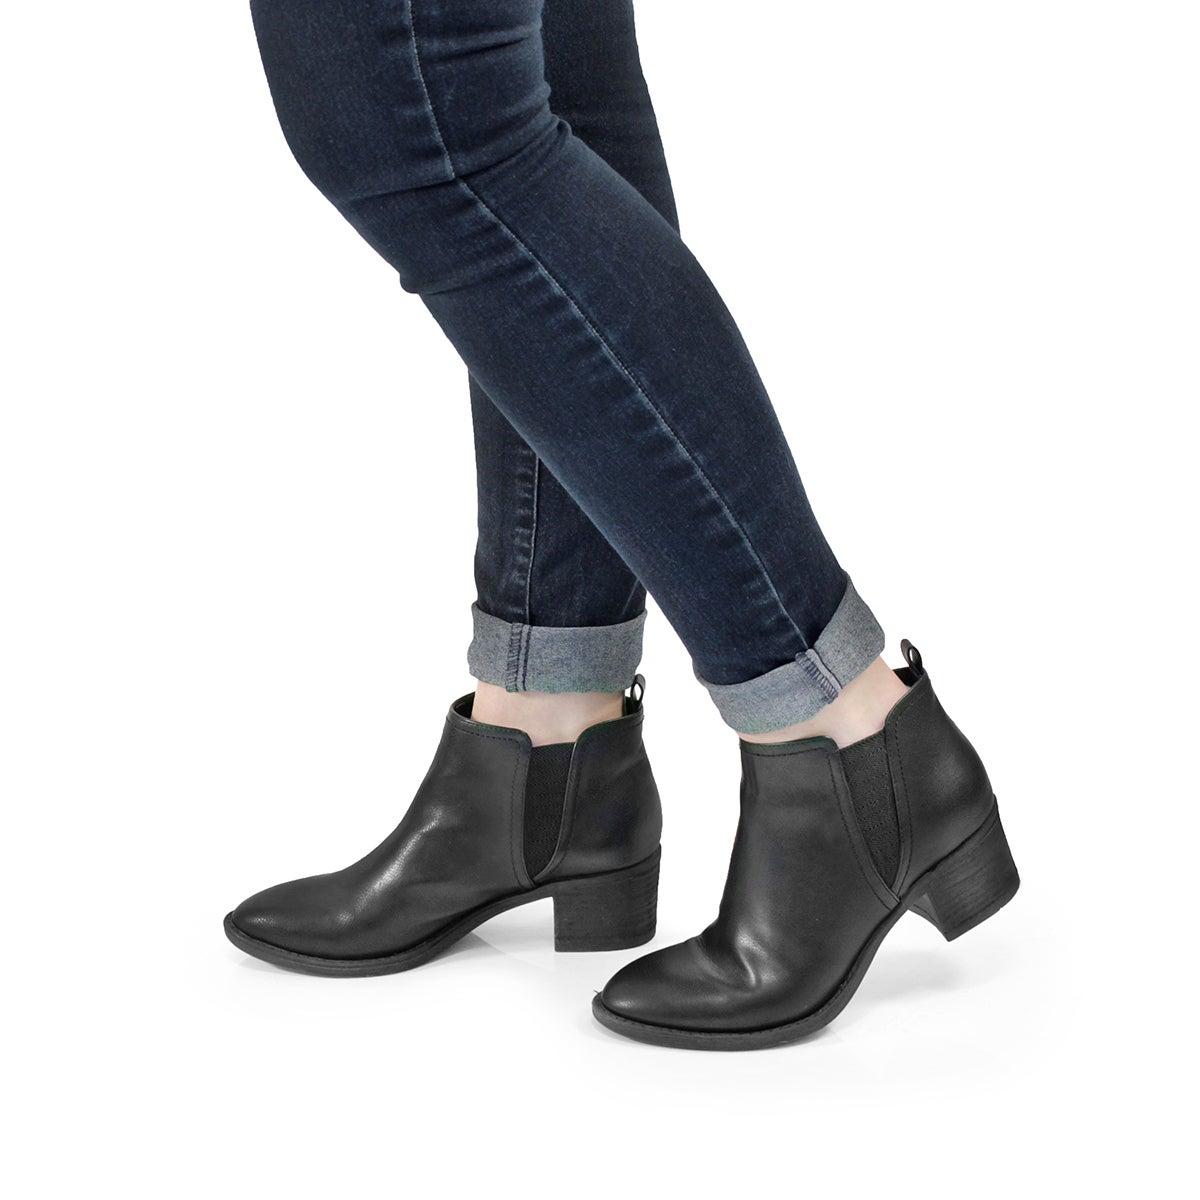 Lds Bitsy black slip on ankle boot